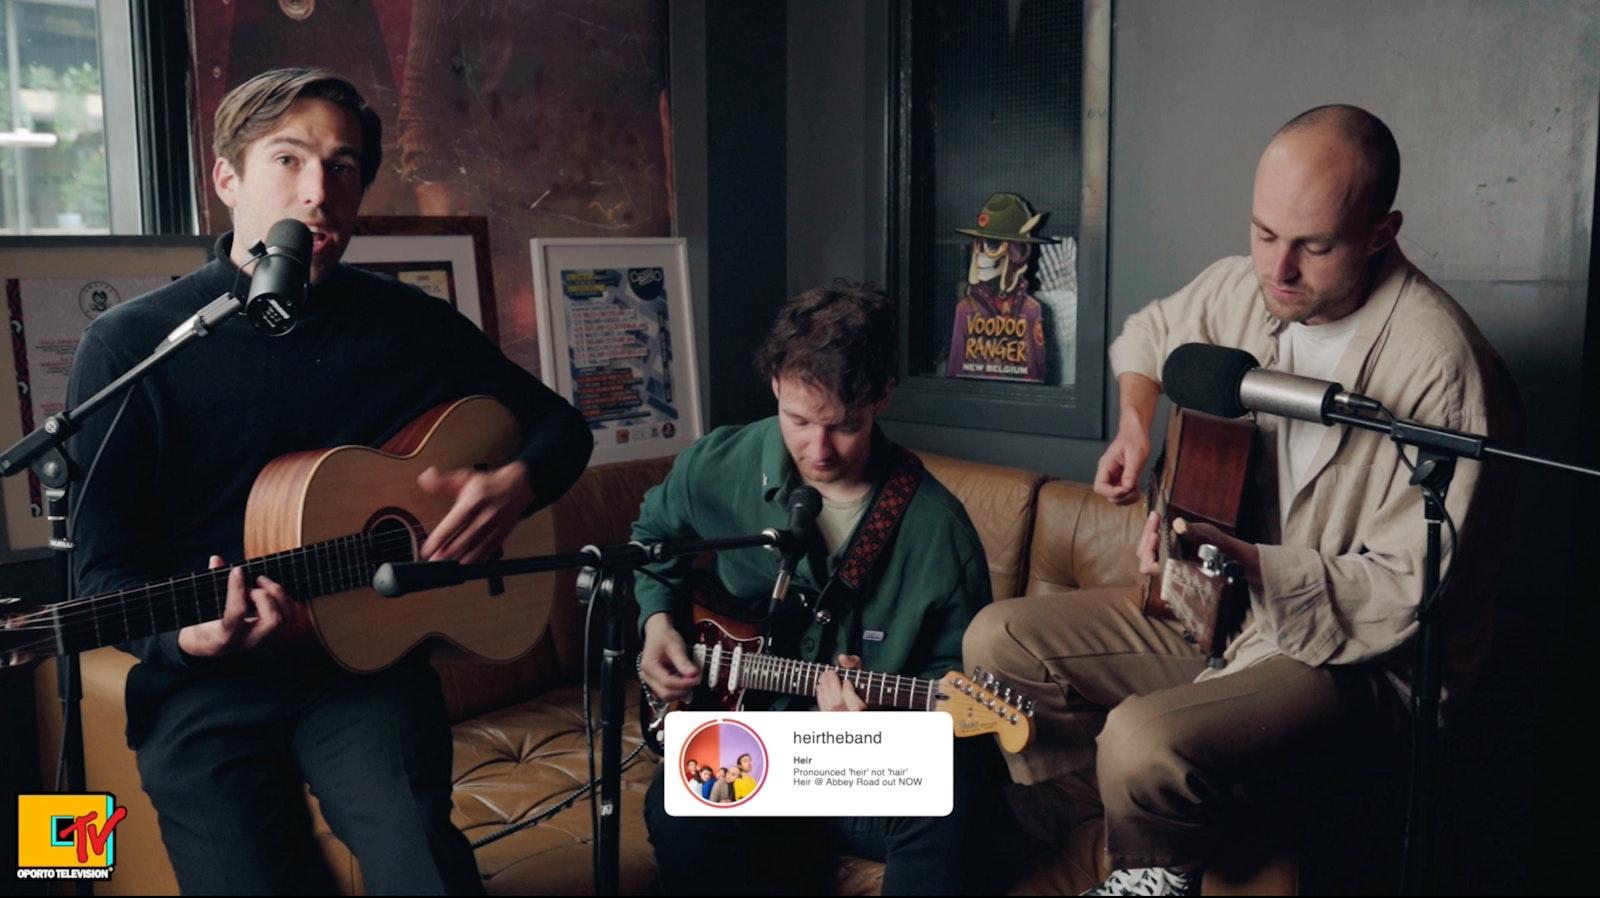 Heir – Chalkpit live session premier on #OportoTV